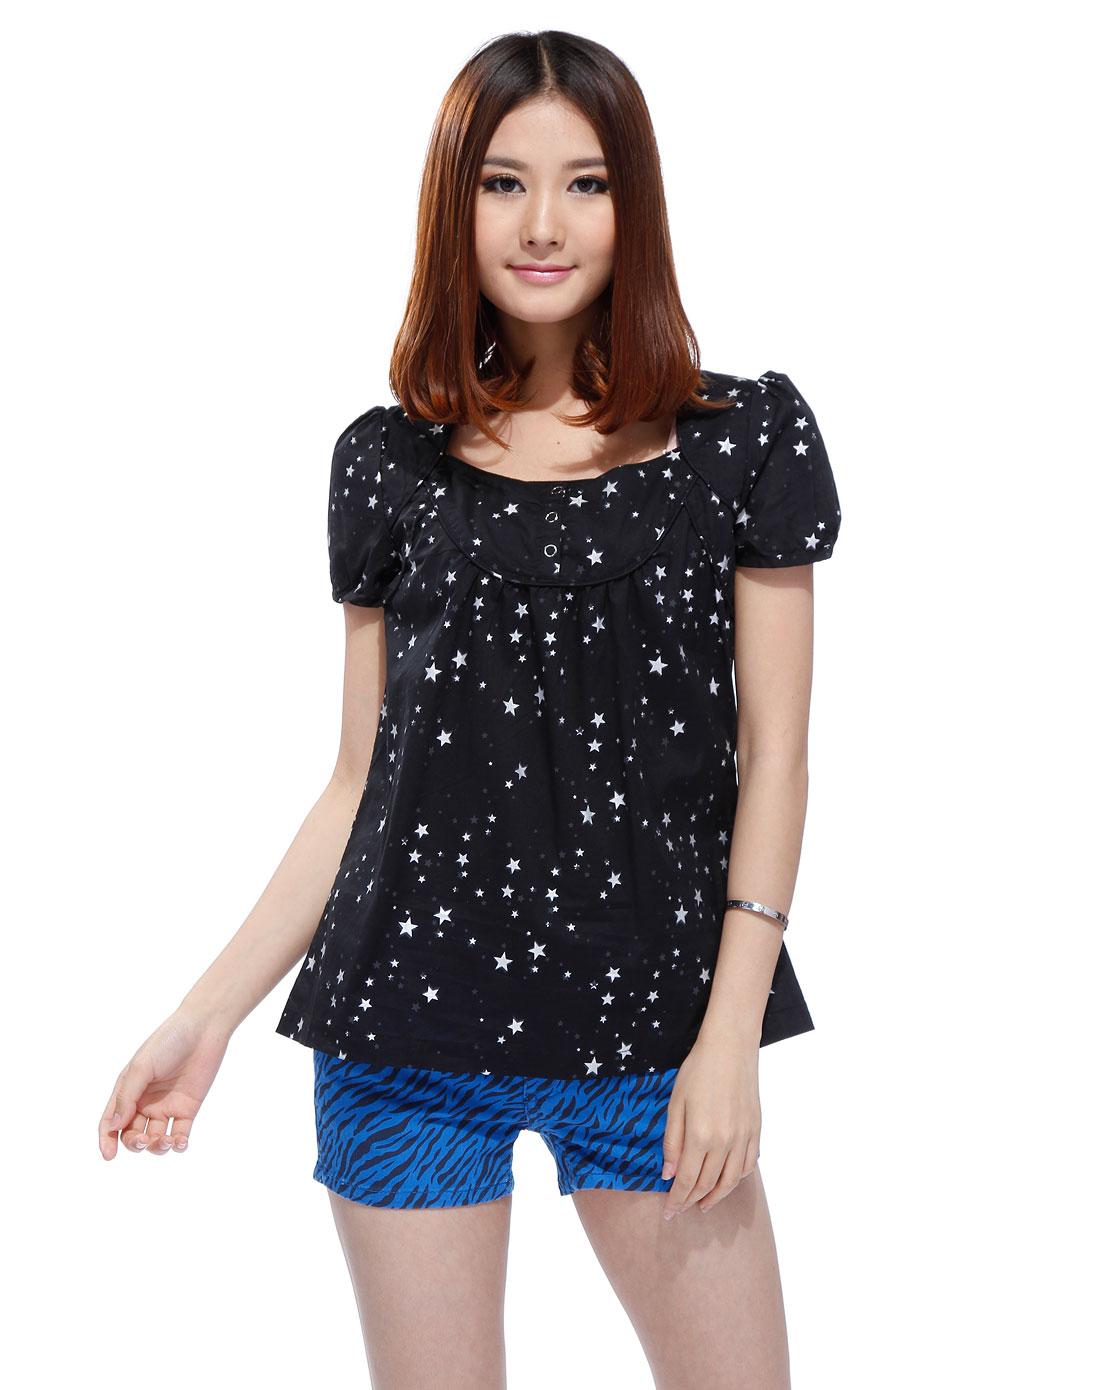 黑色印星星短袖衬衫_美特斯邦威官网特价3.4-4